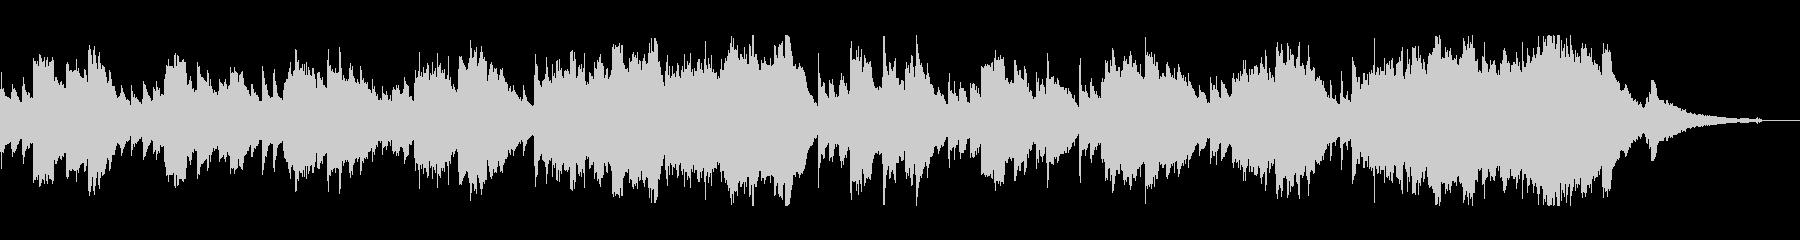 まったりしたアコギと管楽器のサウンドの未再生の波形